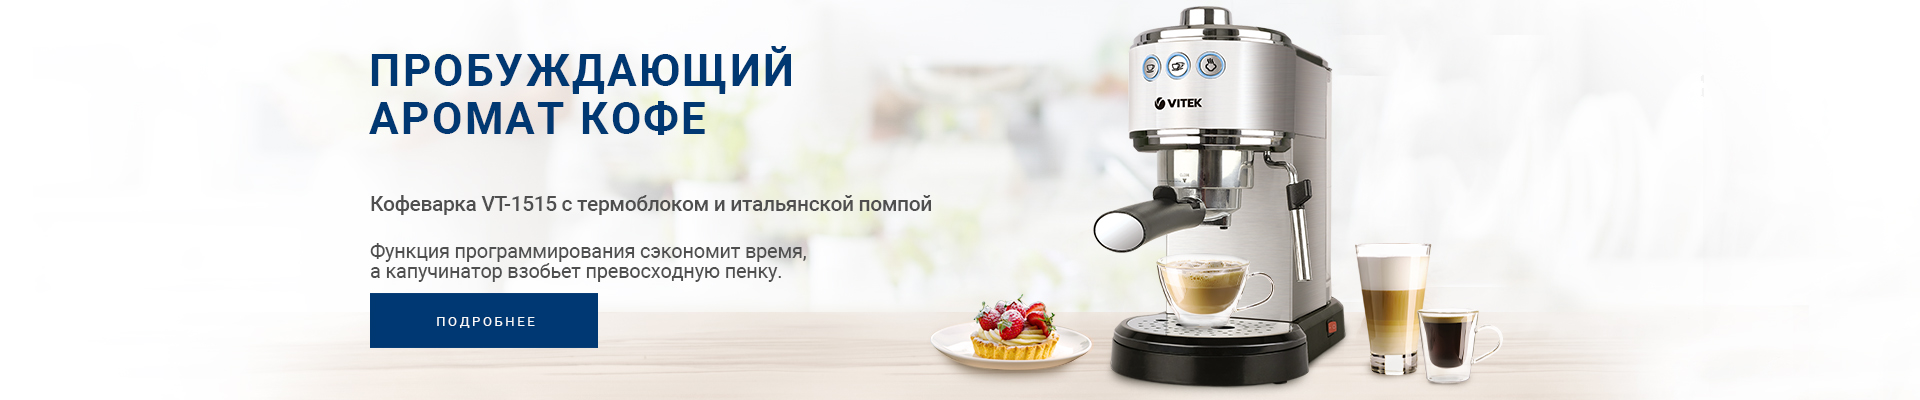 Кофеварка VT-1515